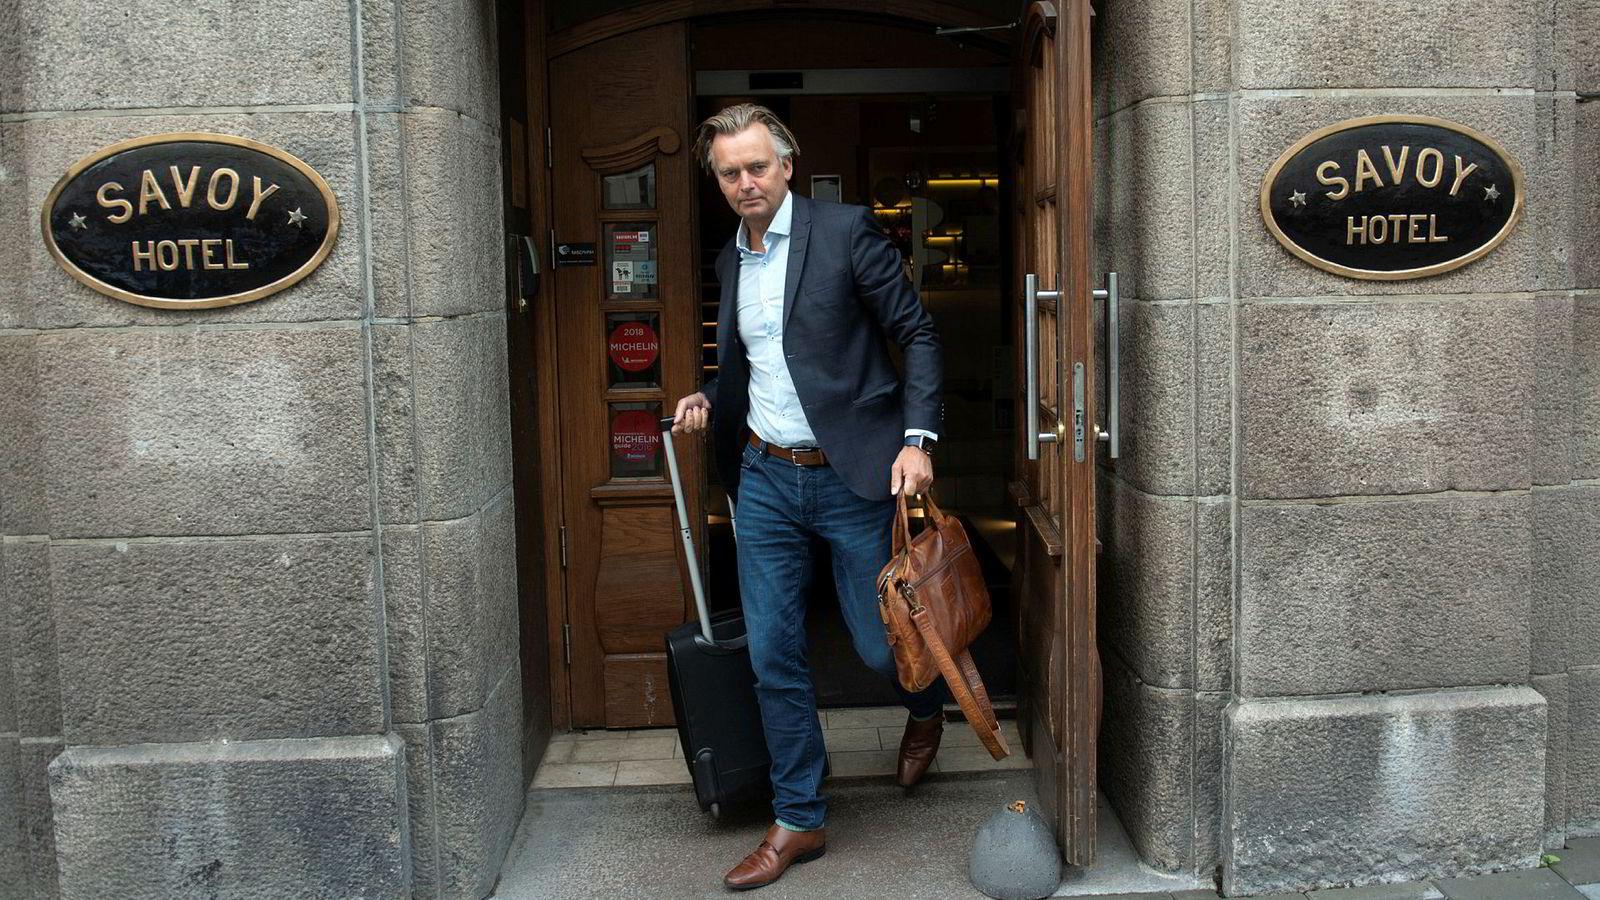 – Selvfølgelig har vi fått mange sterke reaksjoner når vi utfordrer bransjen på denne måten ved å kutte prisene, sier Magnar Øyhovden, administrerende direktør i Sbanken.